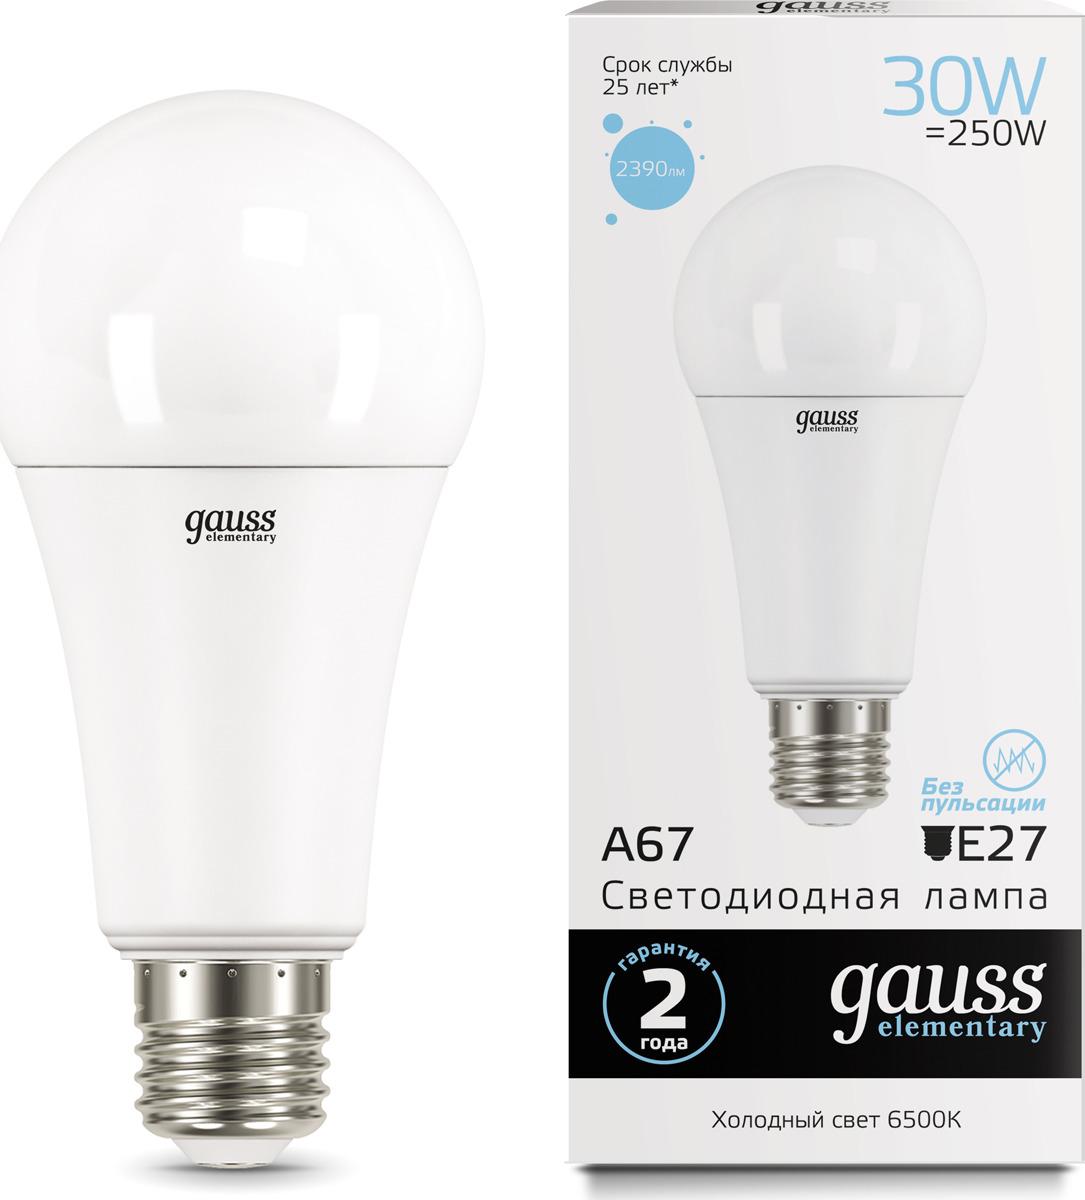 Лампочка Gauss Elementary LED, A67, E27, 30W, 73239